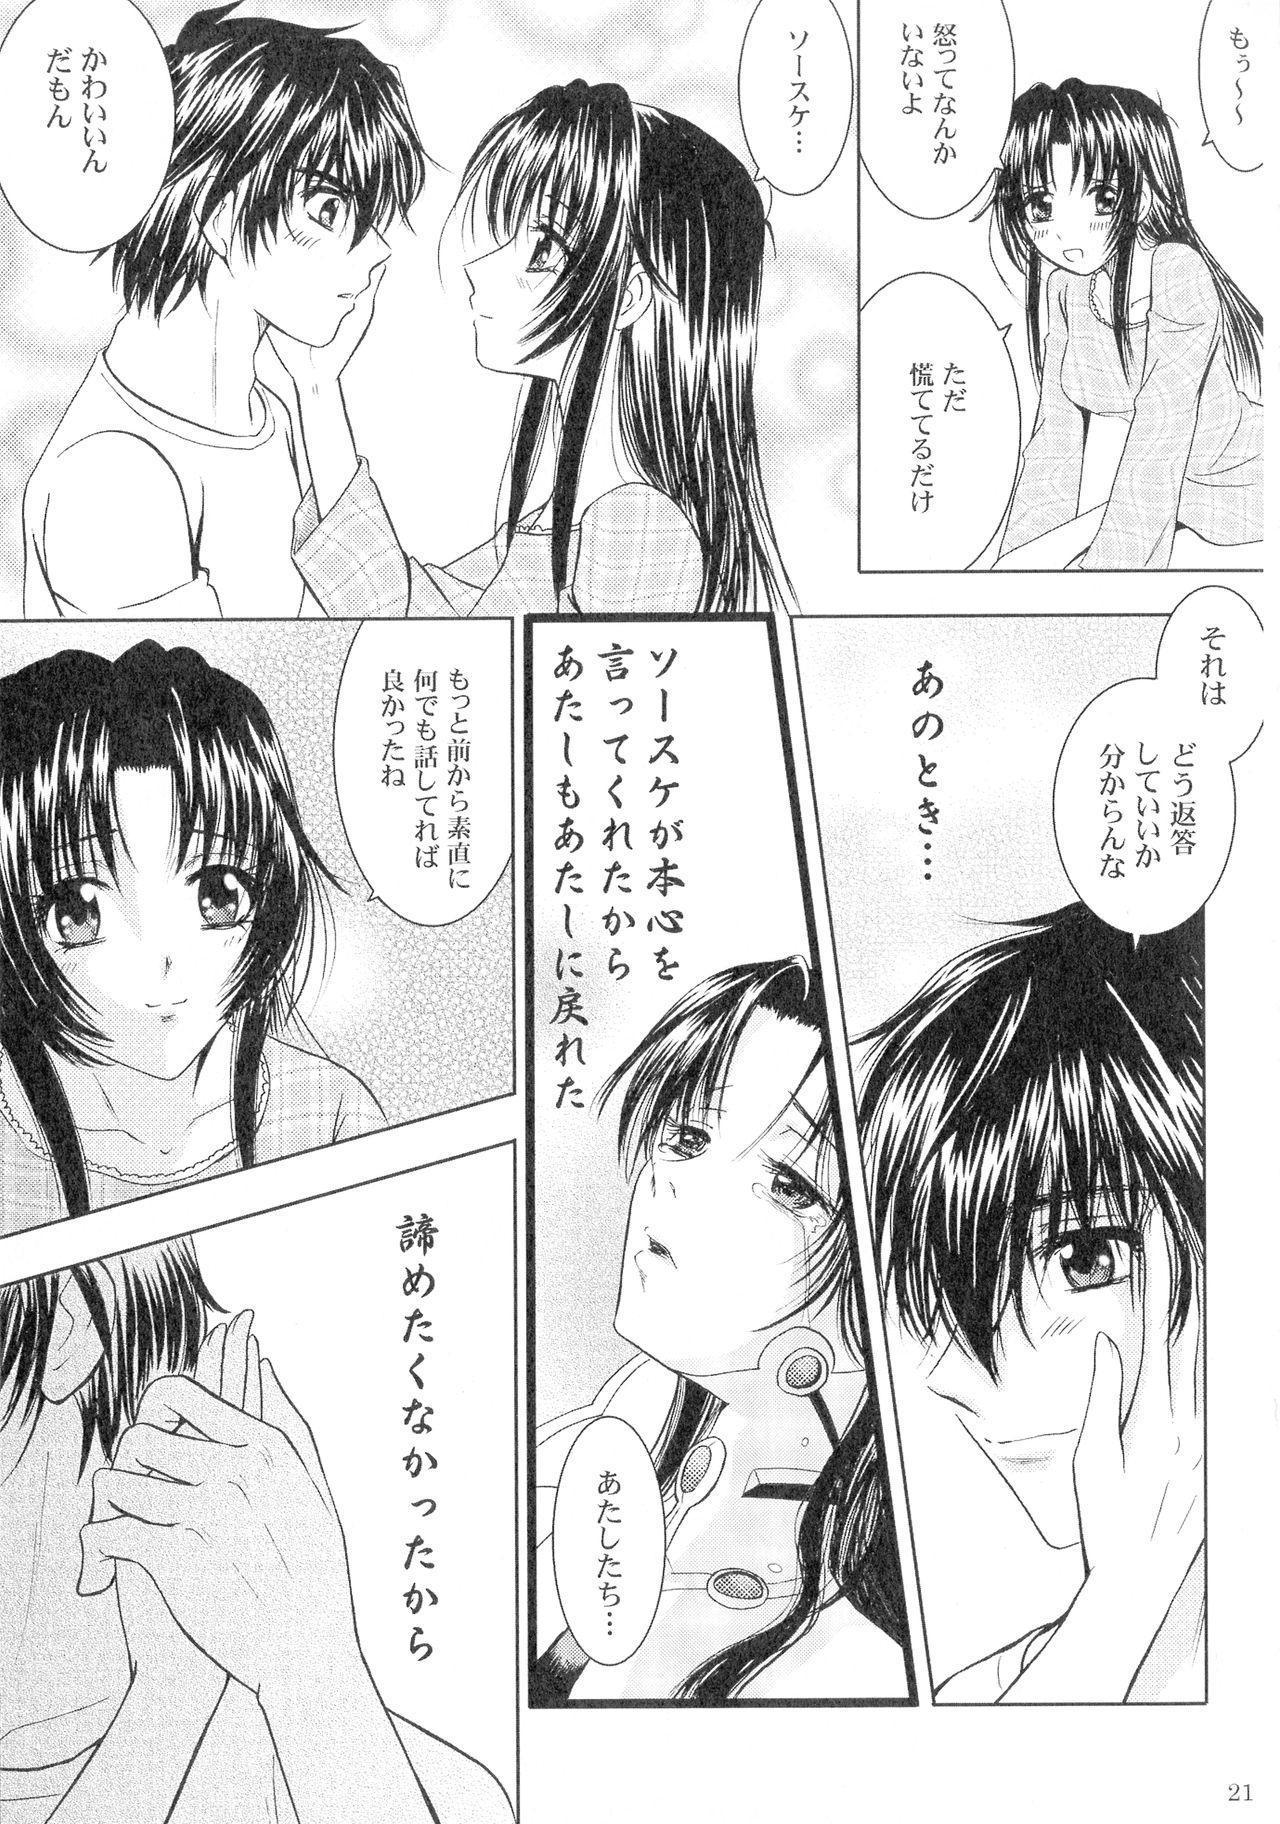 SEXY PANIC Sairoku-shuu VOL.3 20